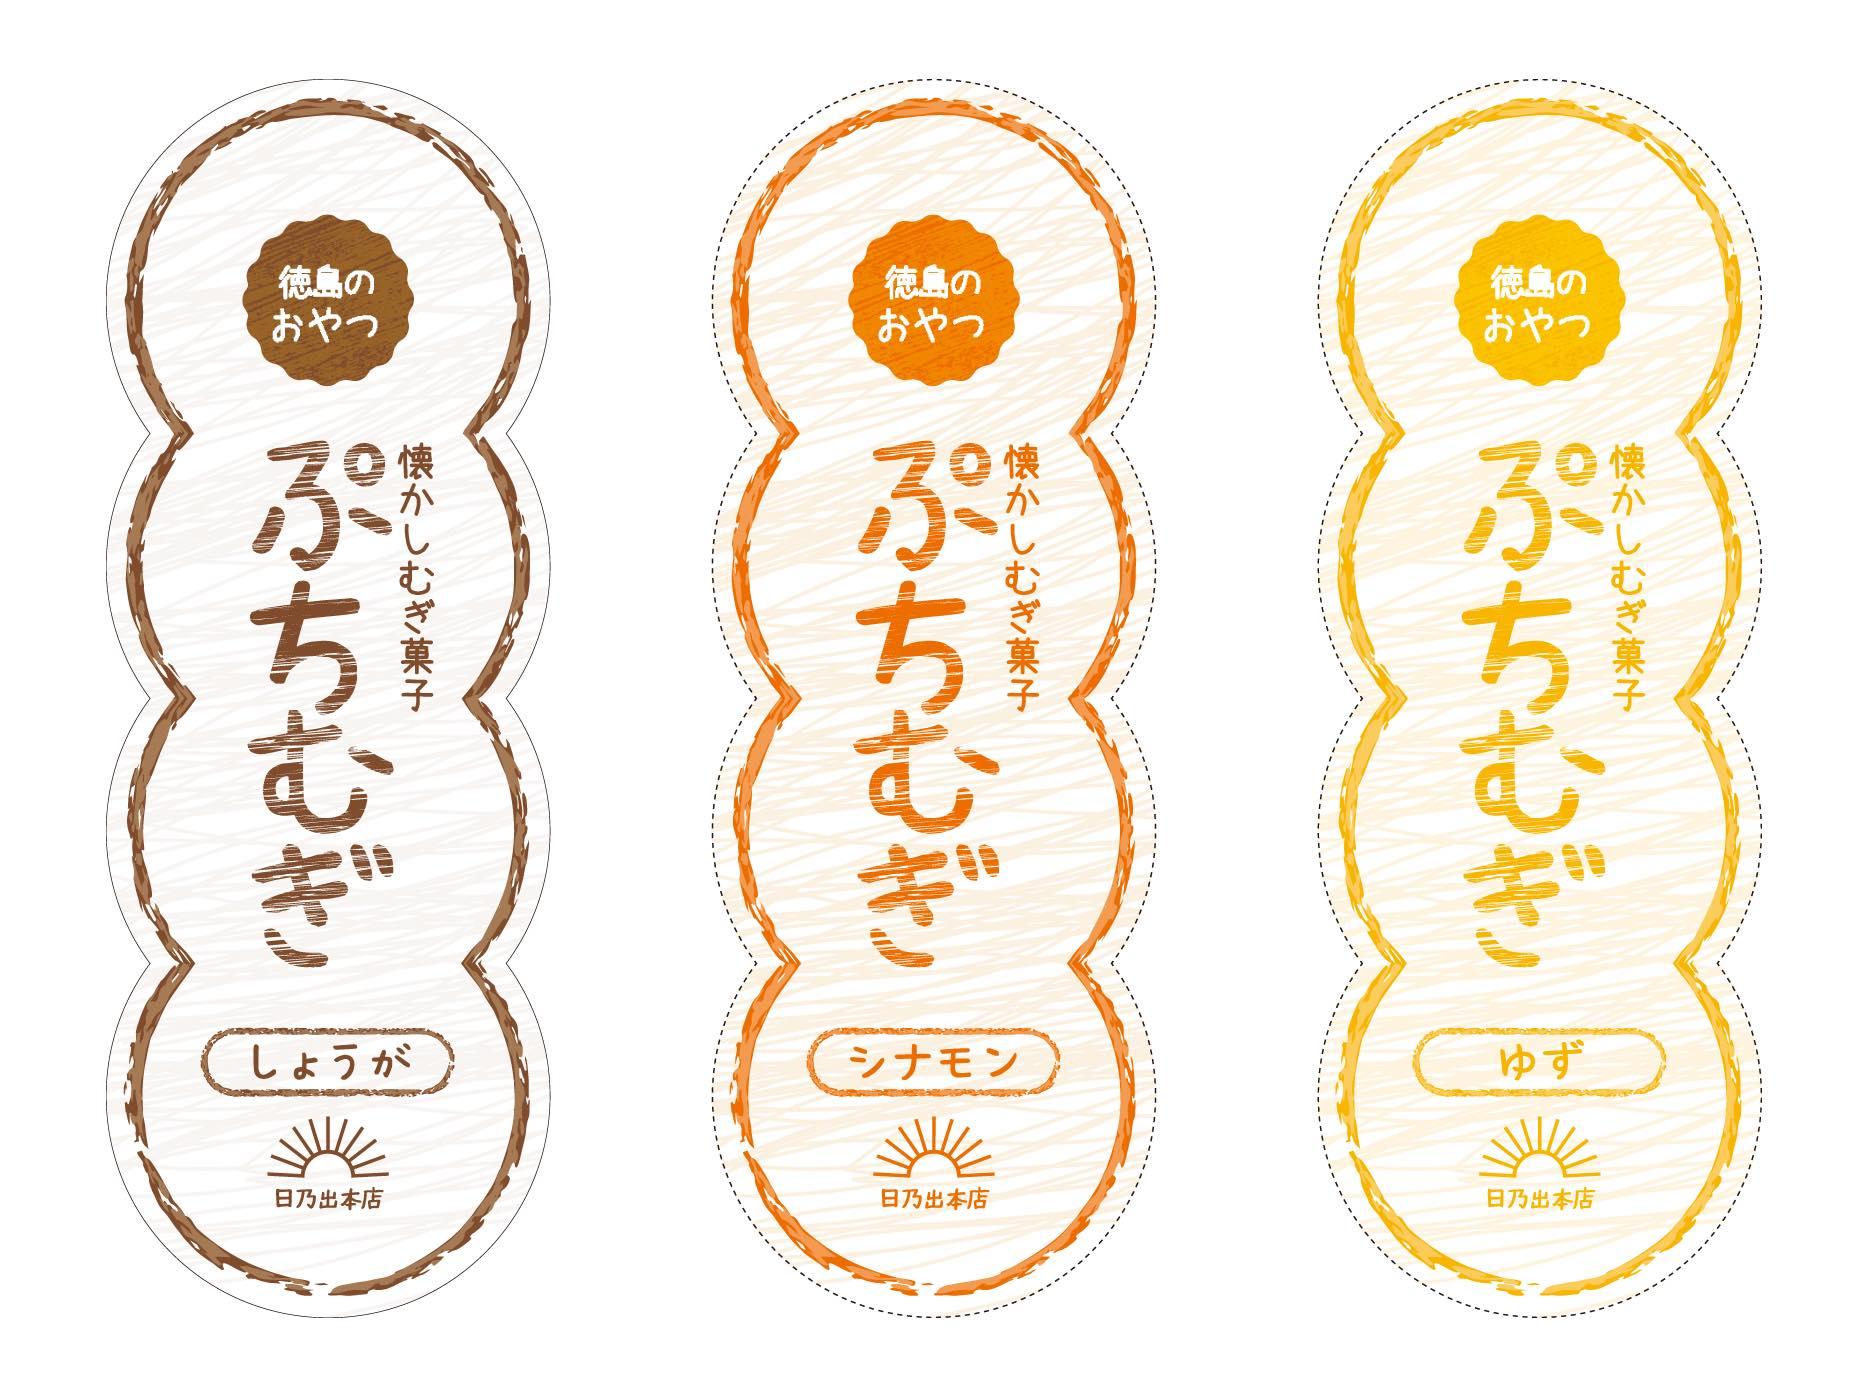 【日乃出本店さんがこの冬発売の新商品「ぷちむぎ」のかわいいパッケージ】